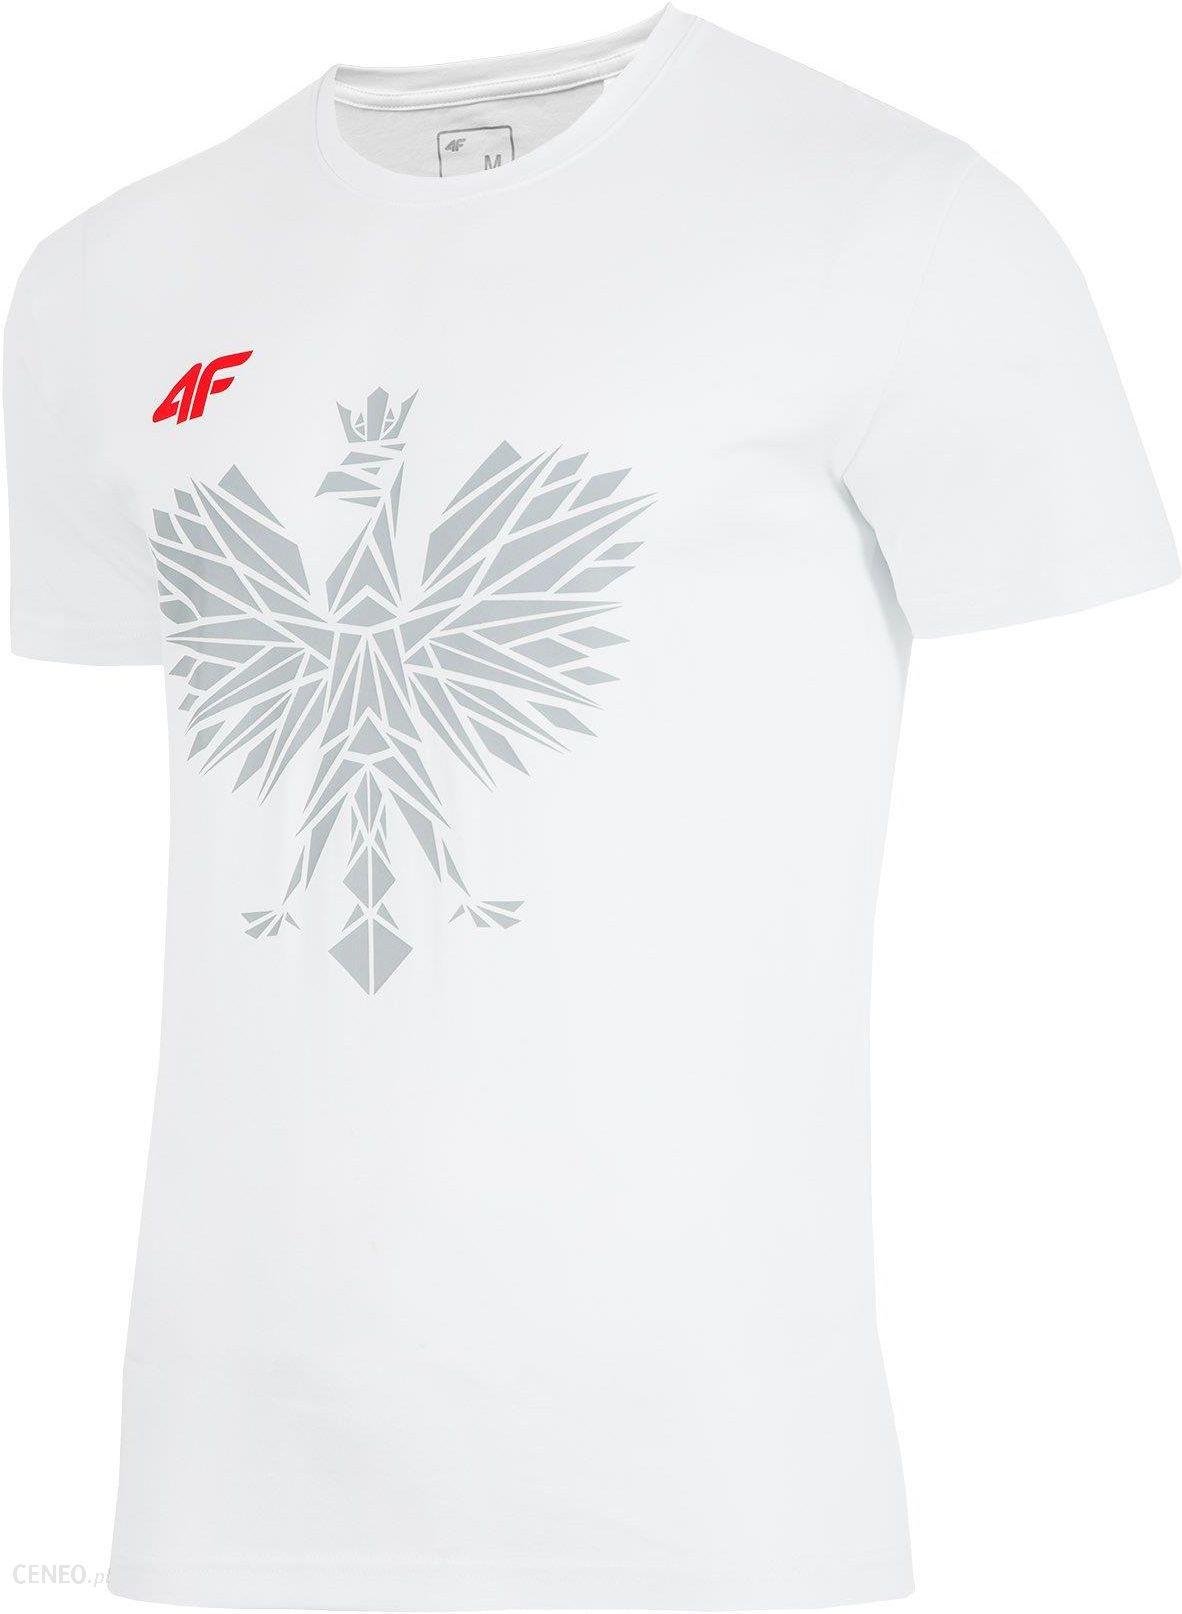 cd48c782d127 Koszulka kibica męska 4F orzeł Polska TSMF101 - XX - Ceny i opinie ...